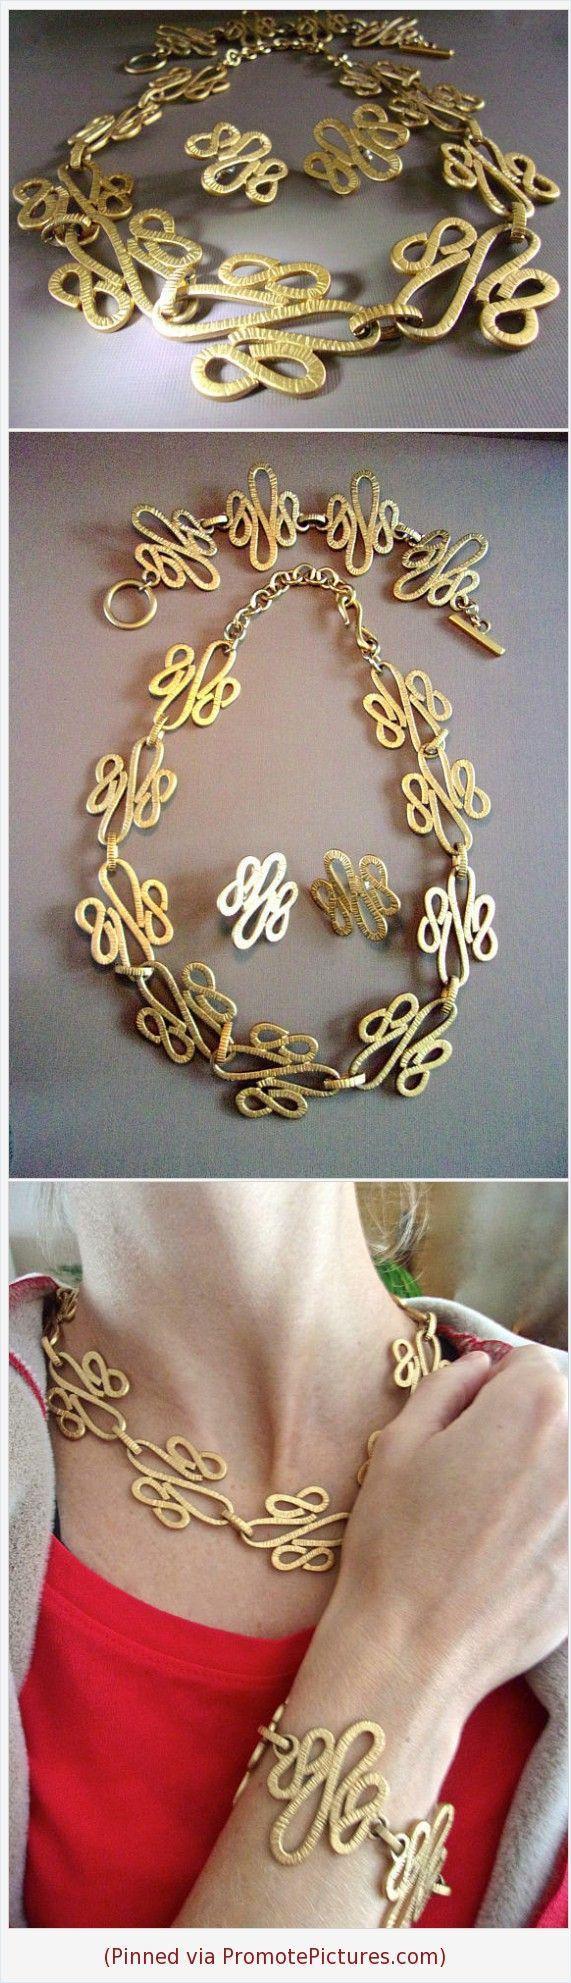 Monet modernist necklace bracelet earrings set gold tone suite